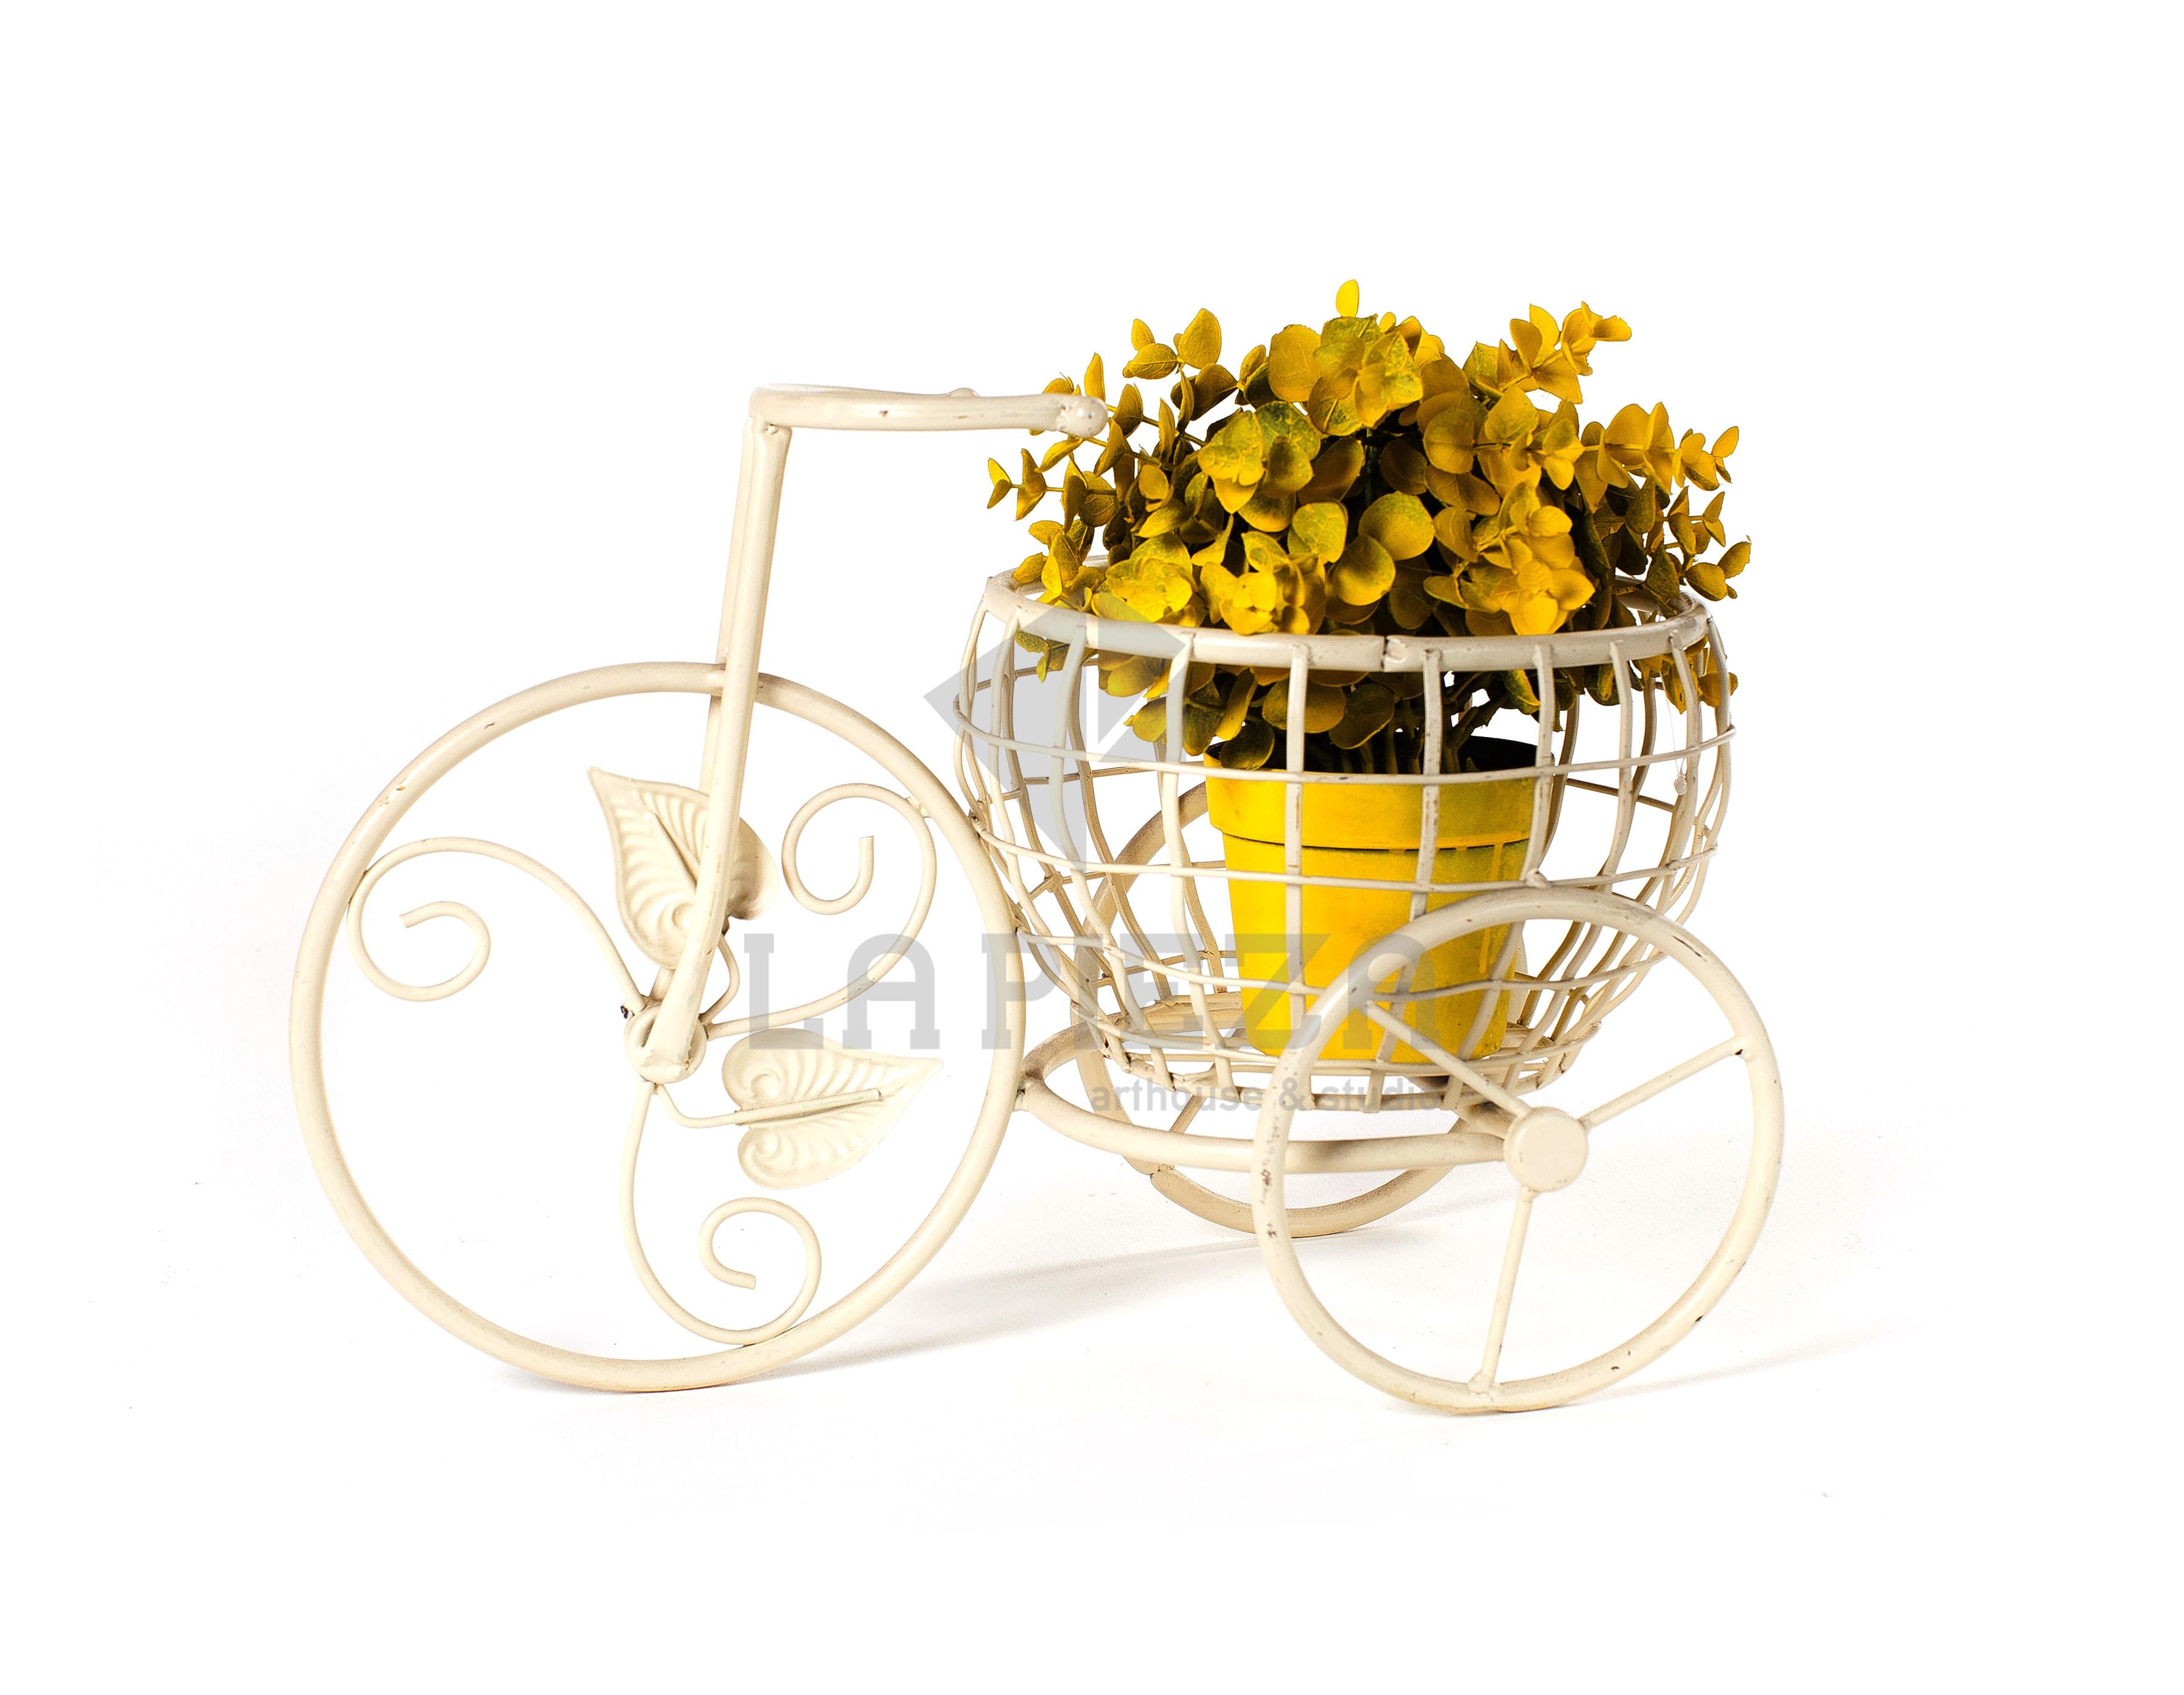 Bicicleta de hierro porta macetero la pieza - Bicicleta macetero ...